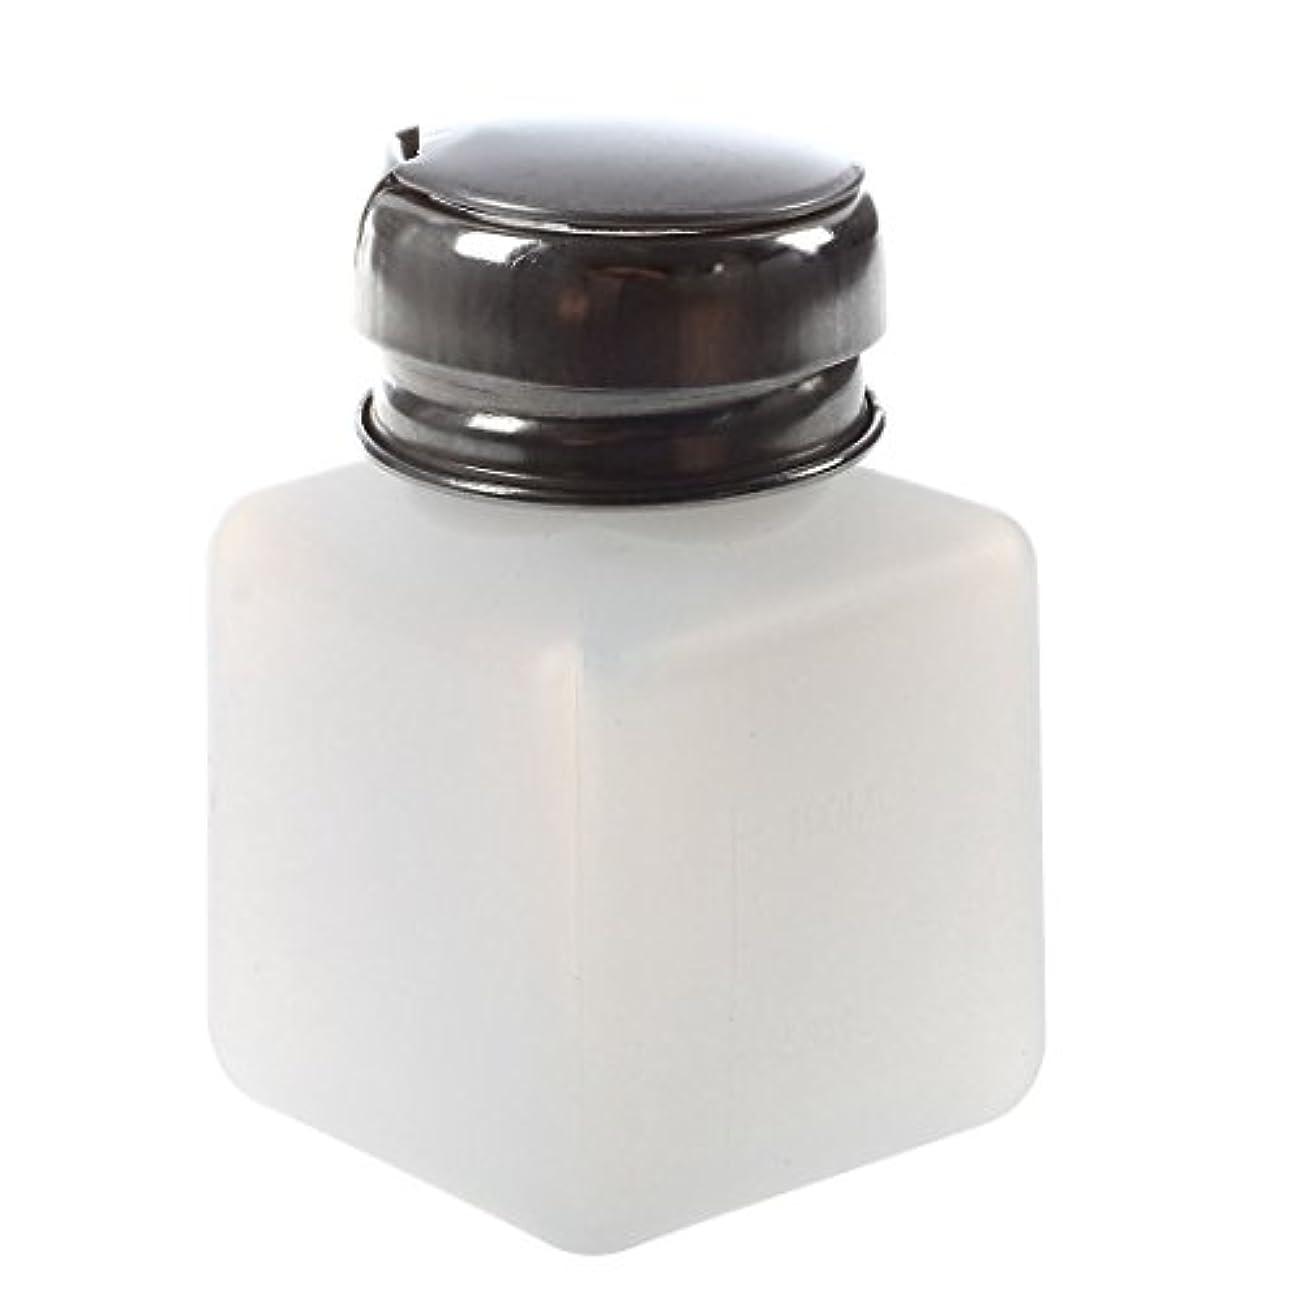 隔離するオーディション泥だらけGaoominy エンプティーポンプディスペンサー ネイルアート研磨リムーバー 100MLボトル用 (ホワイト)